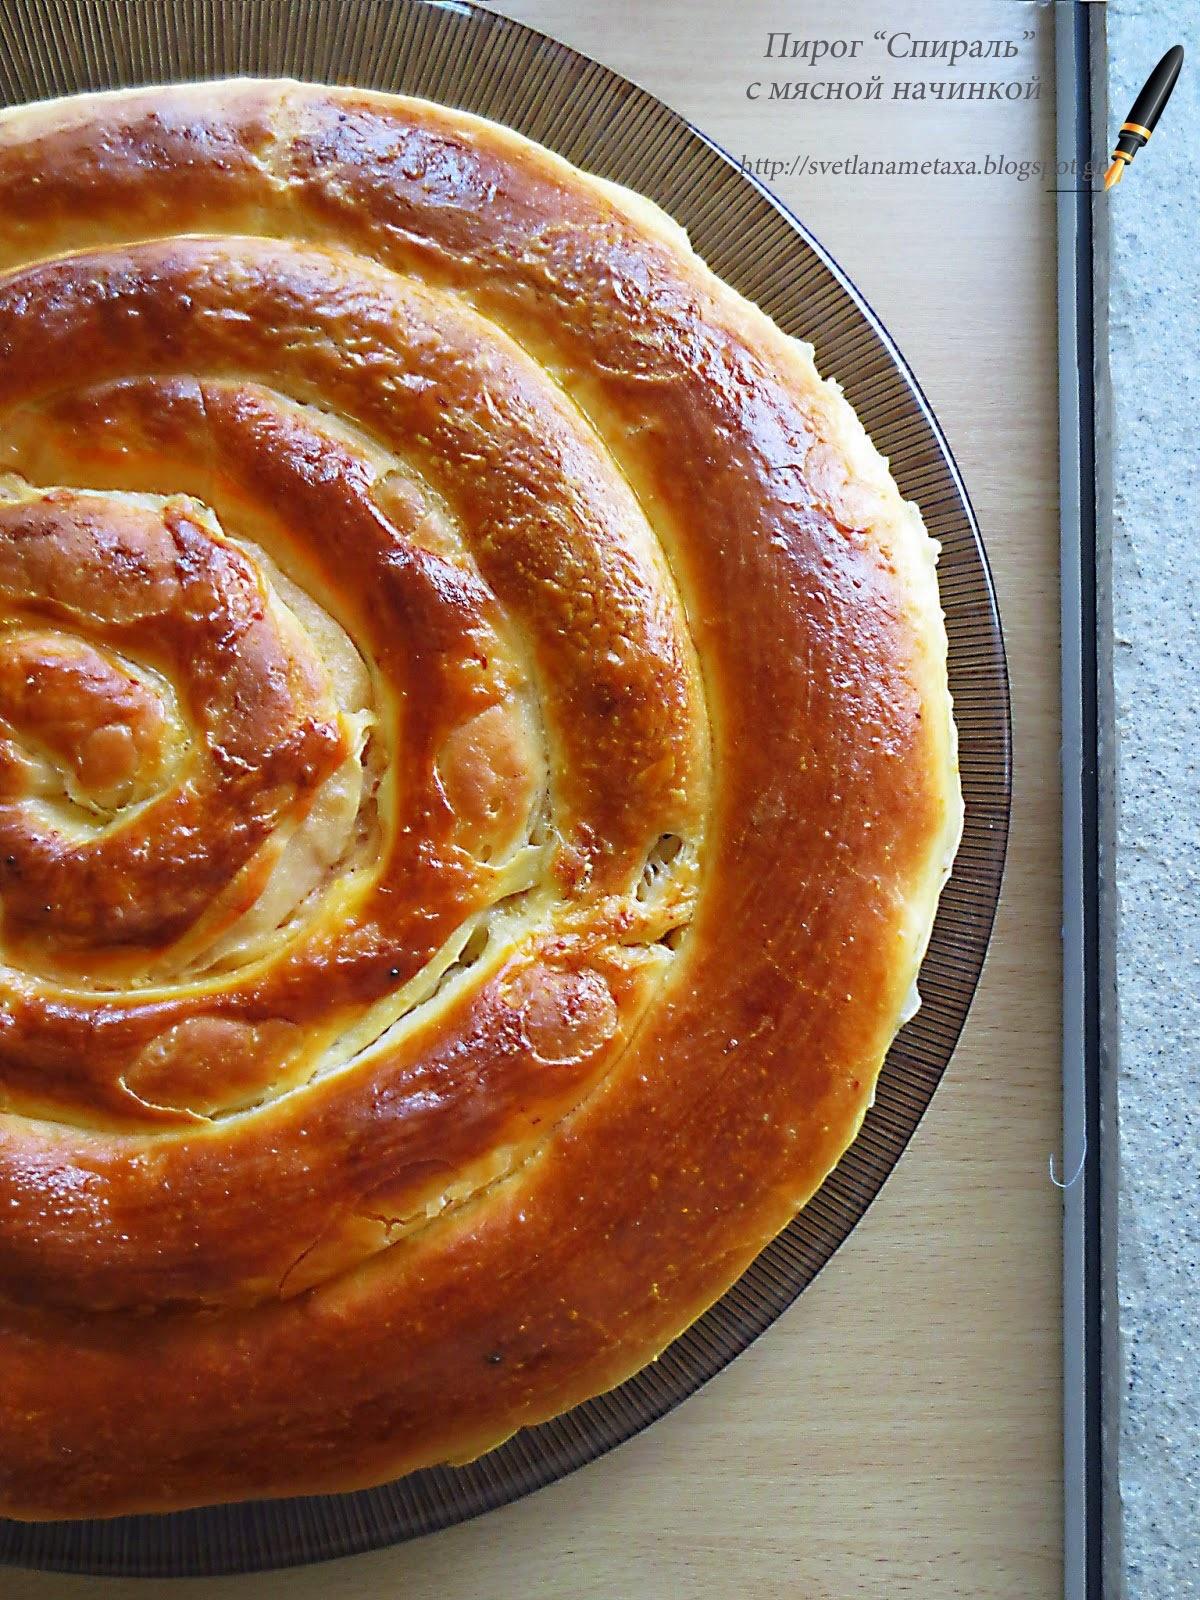 Пироги из дрожжевого теста с начинками рецепты с пошагово